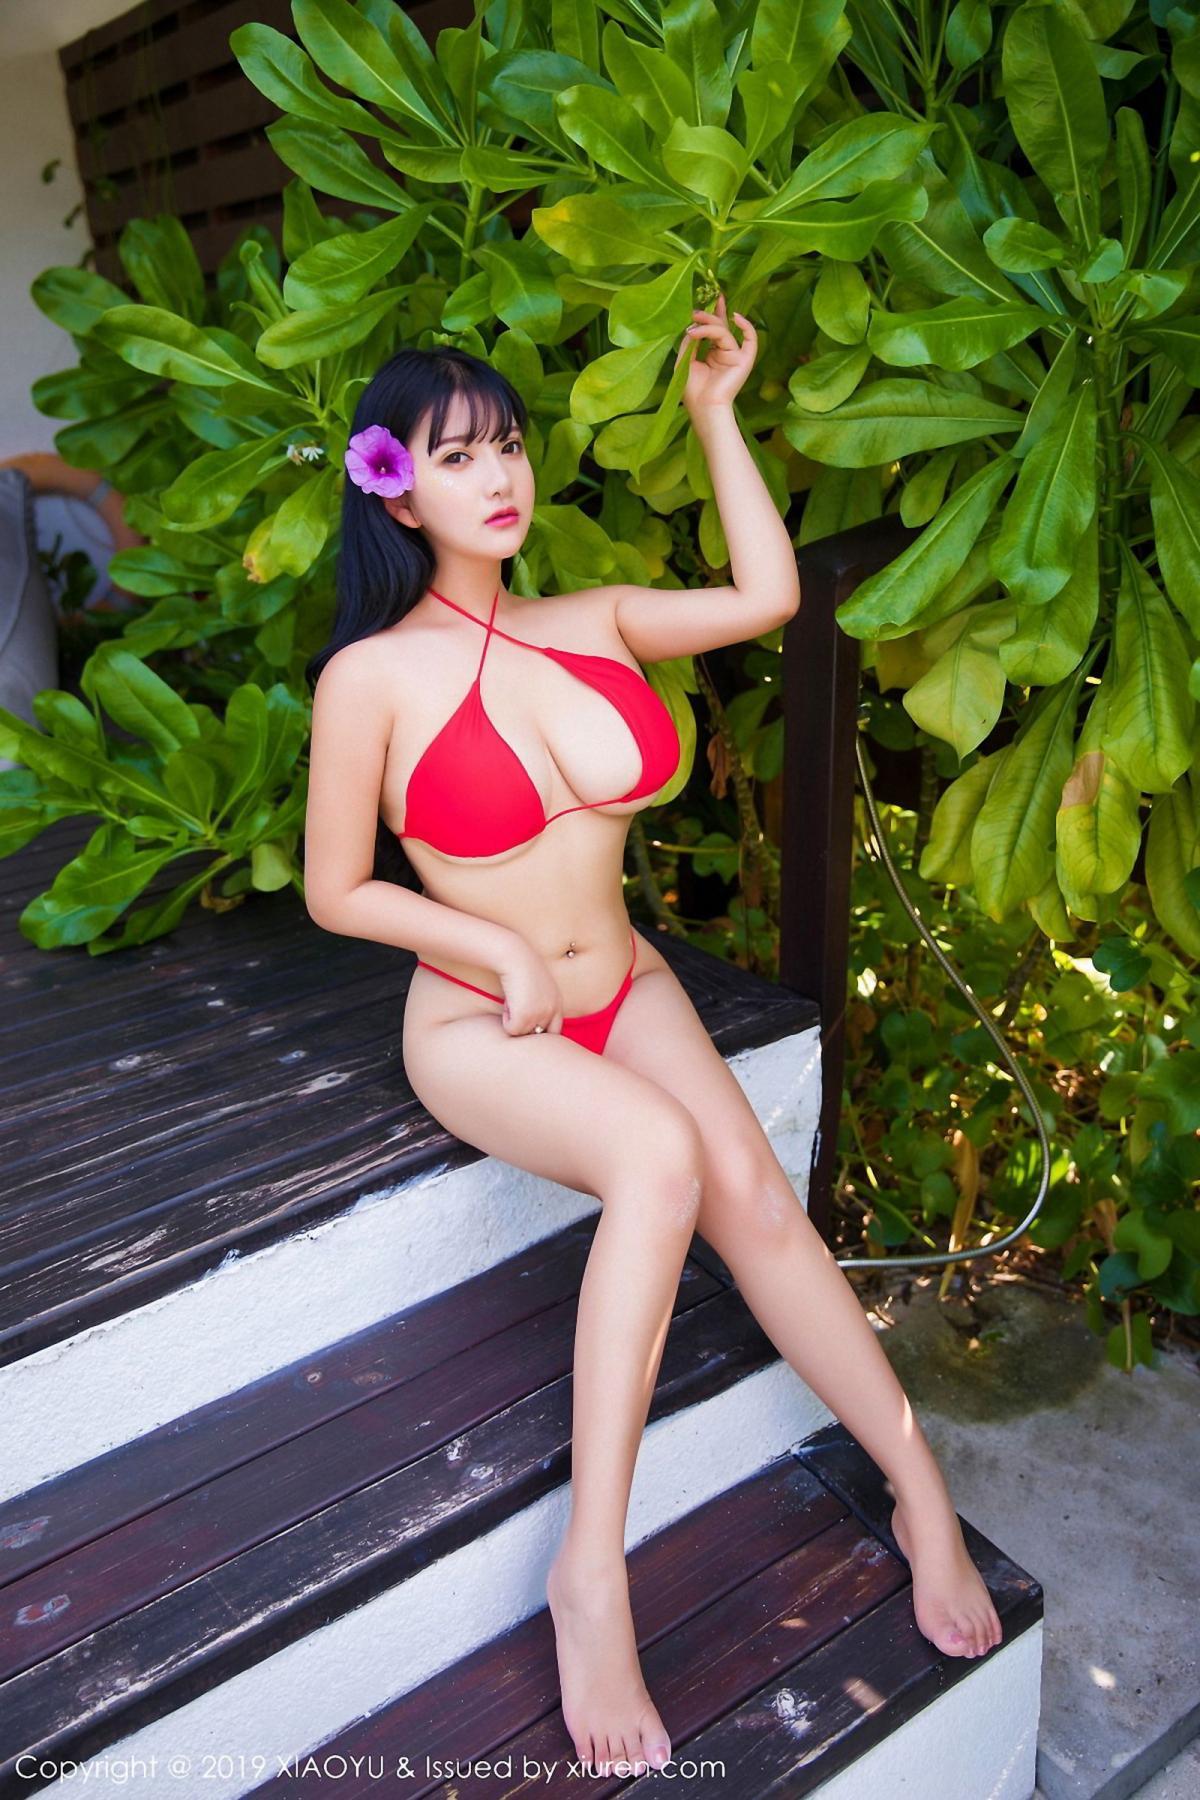 [XiaoYu] Vol.029 Lu Lu Xiao Miao 5P, Bikini, Lu Lu Xiao Miao, Wet, XiaoYu